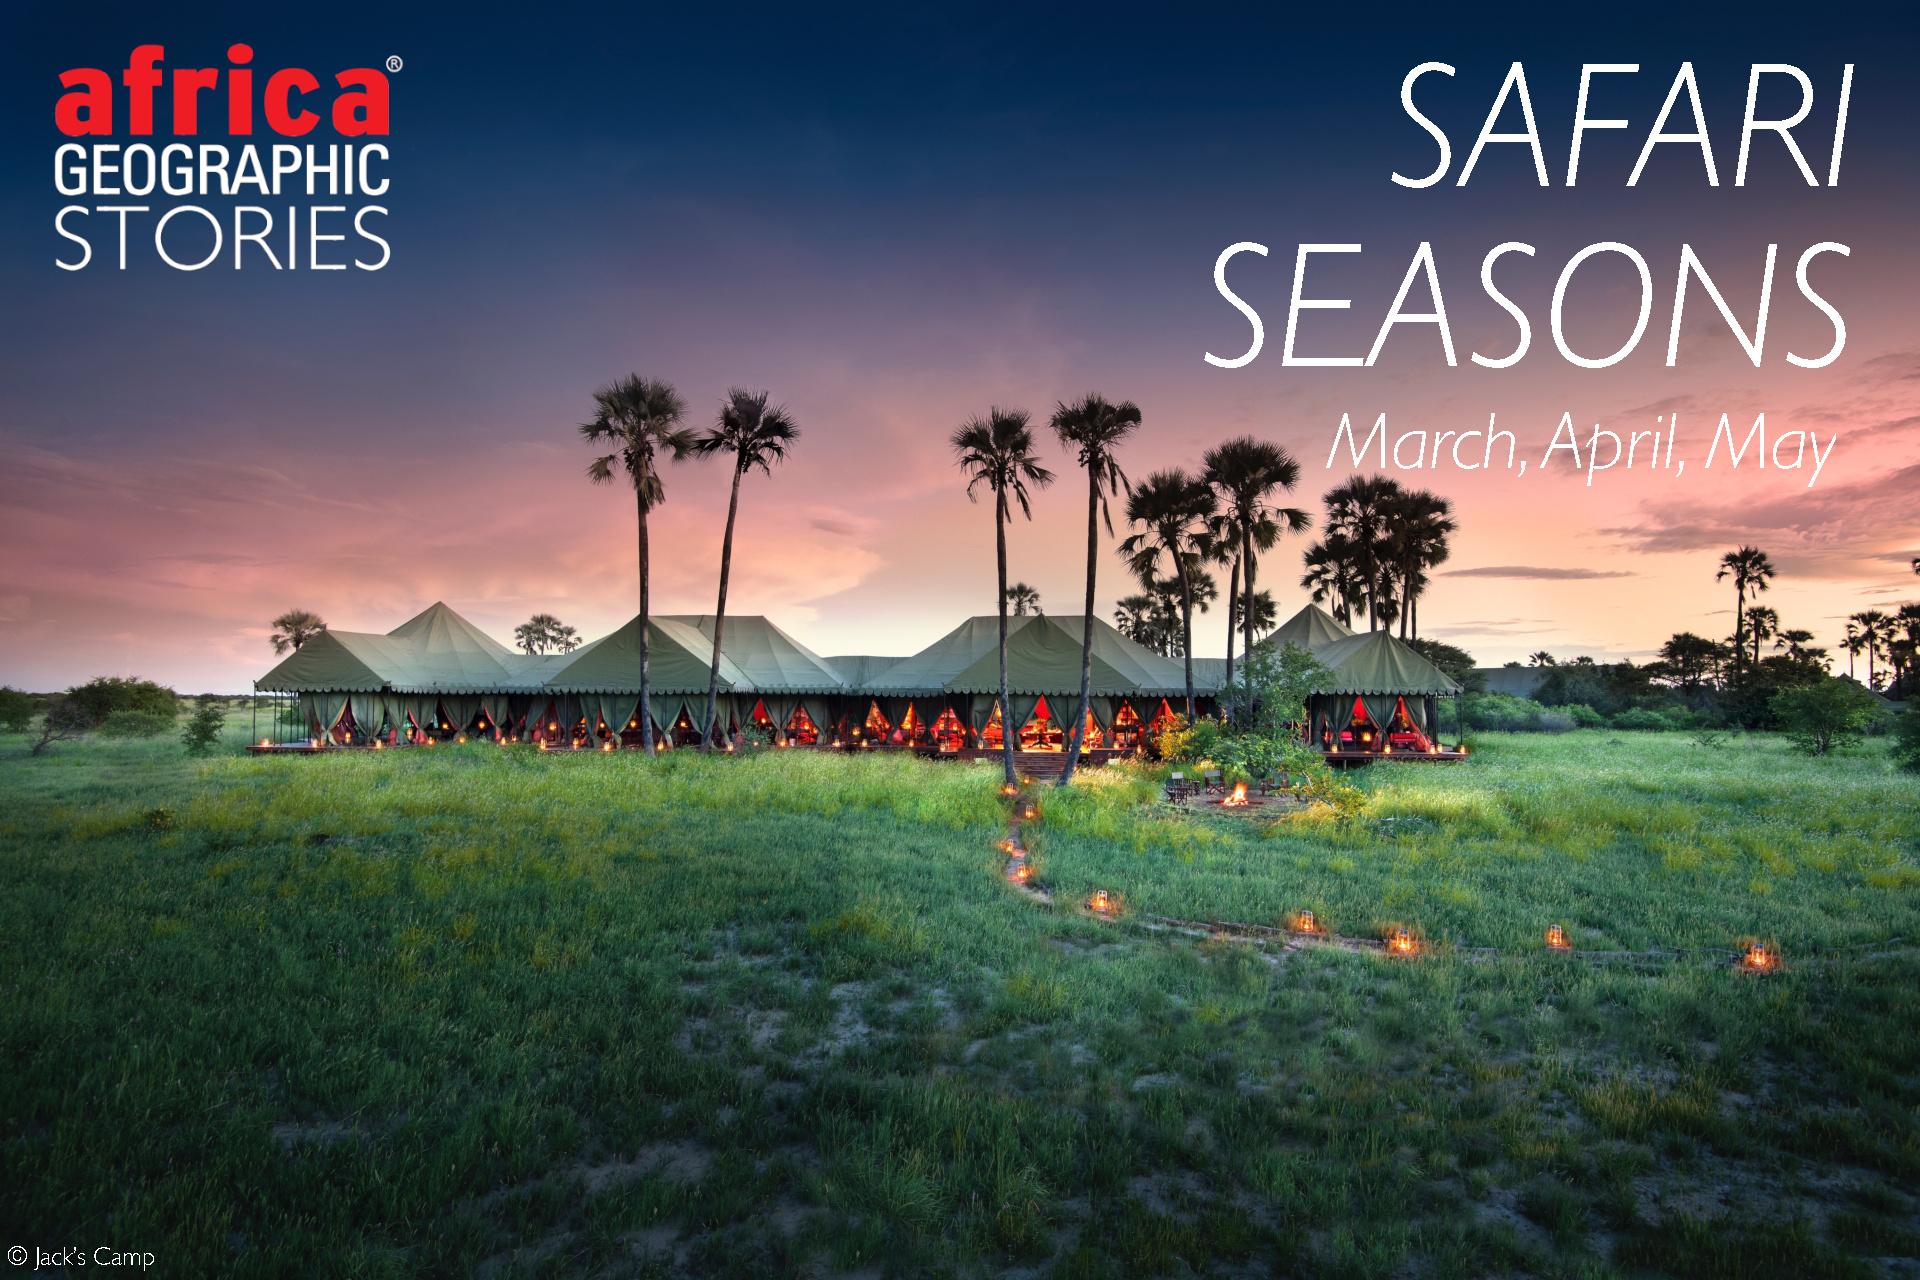 safari season